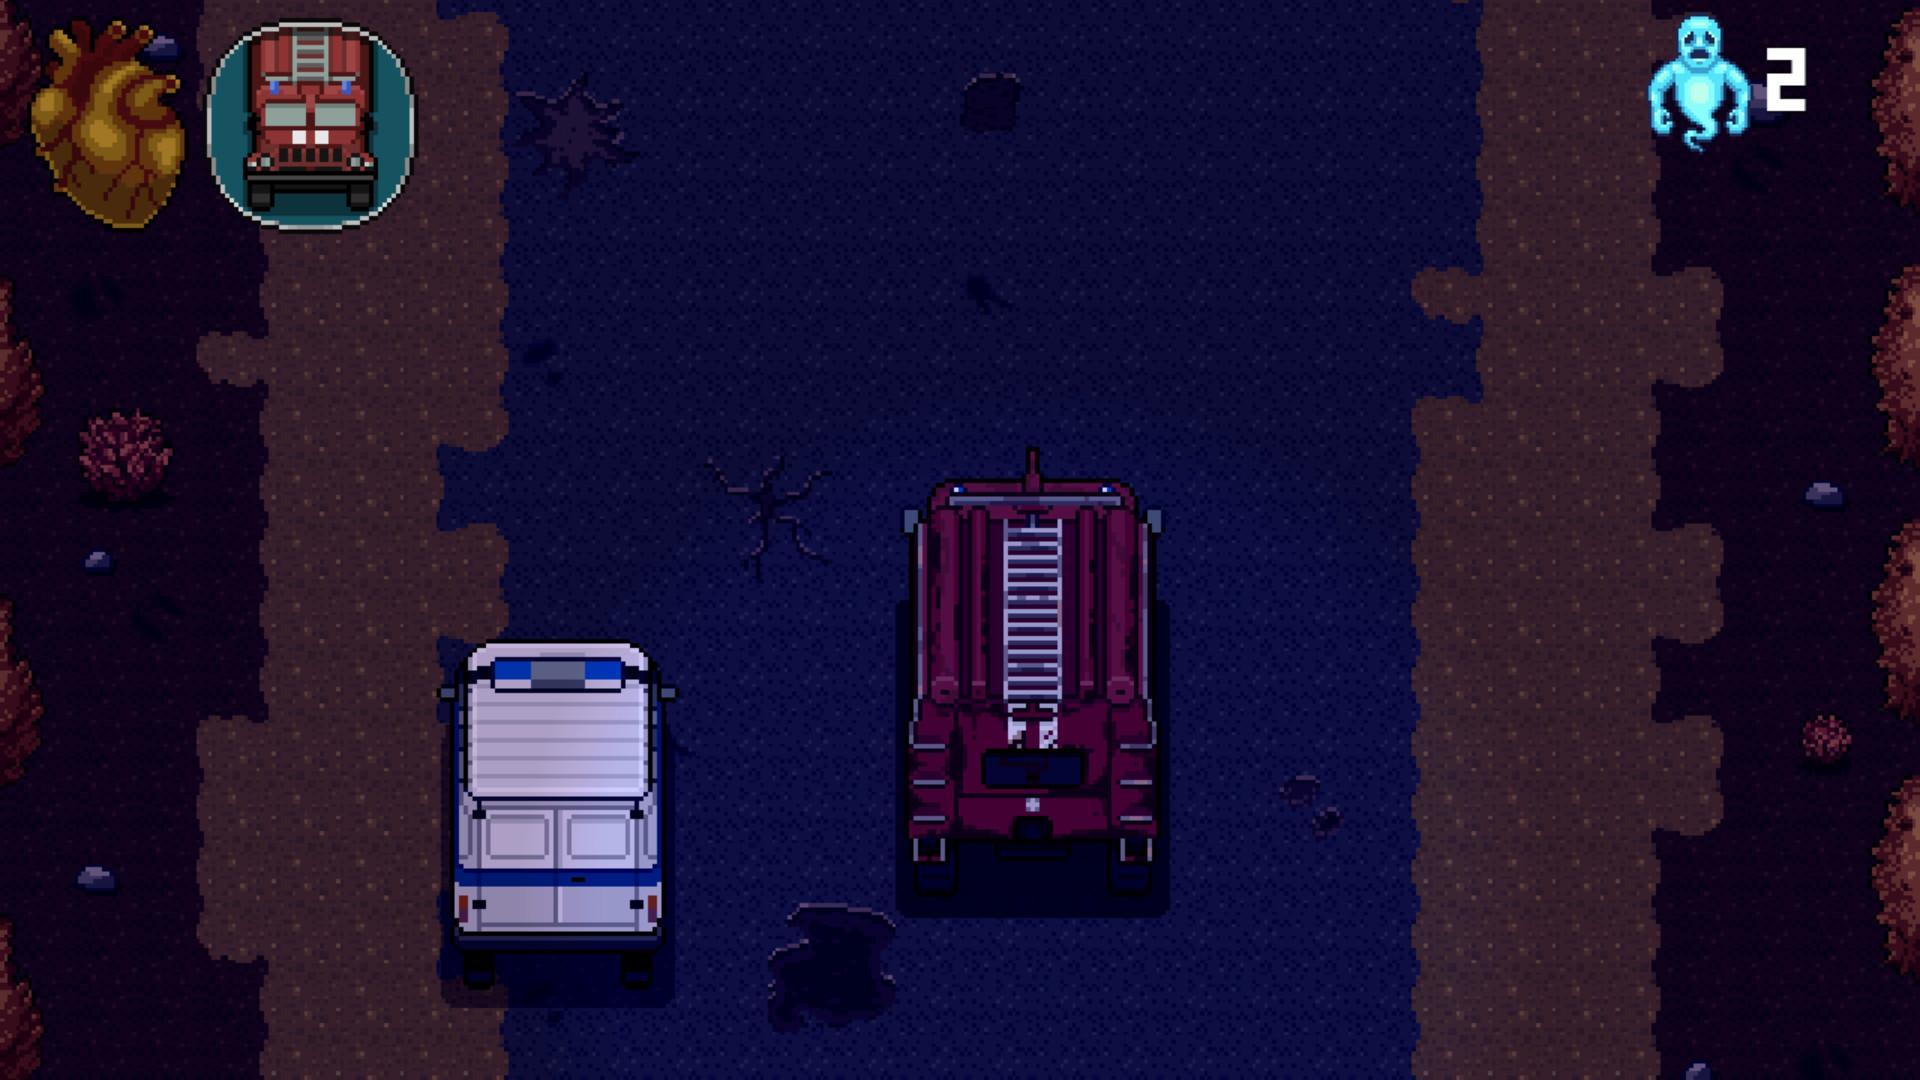 Hell Firefighter screenshot